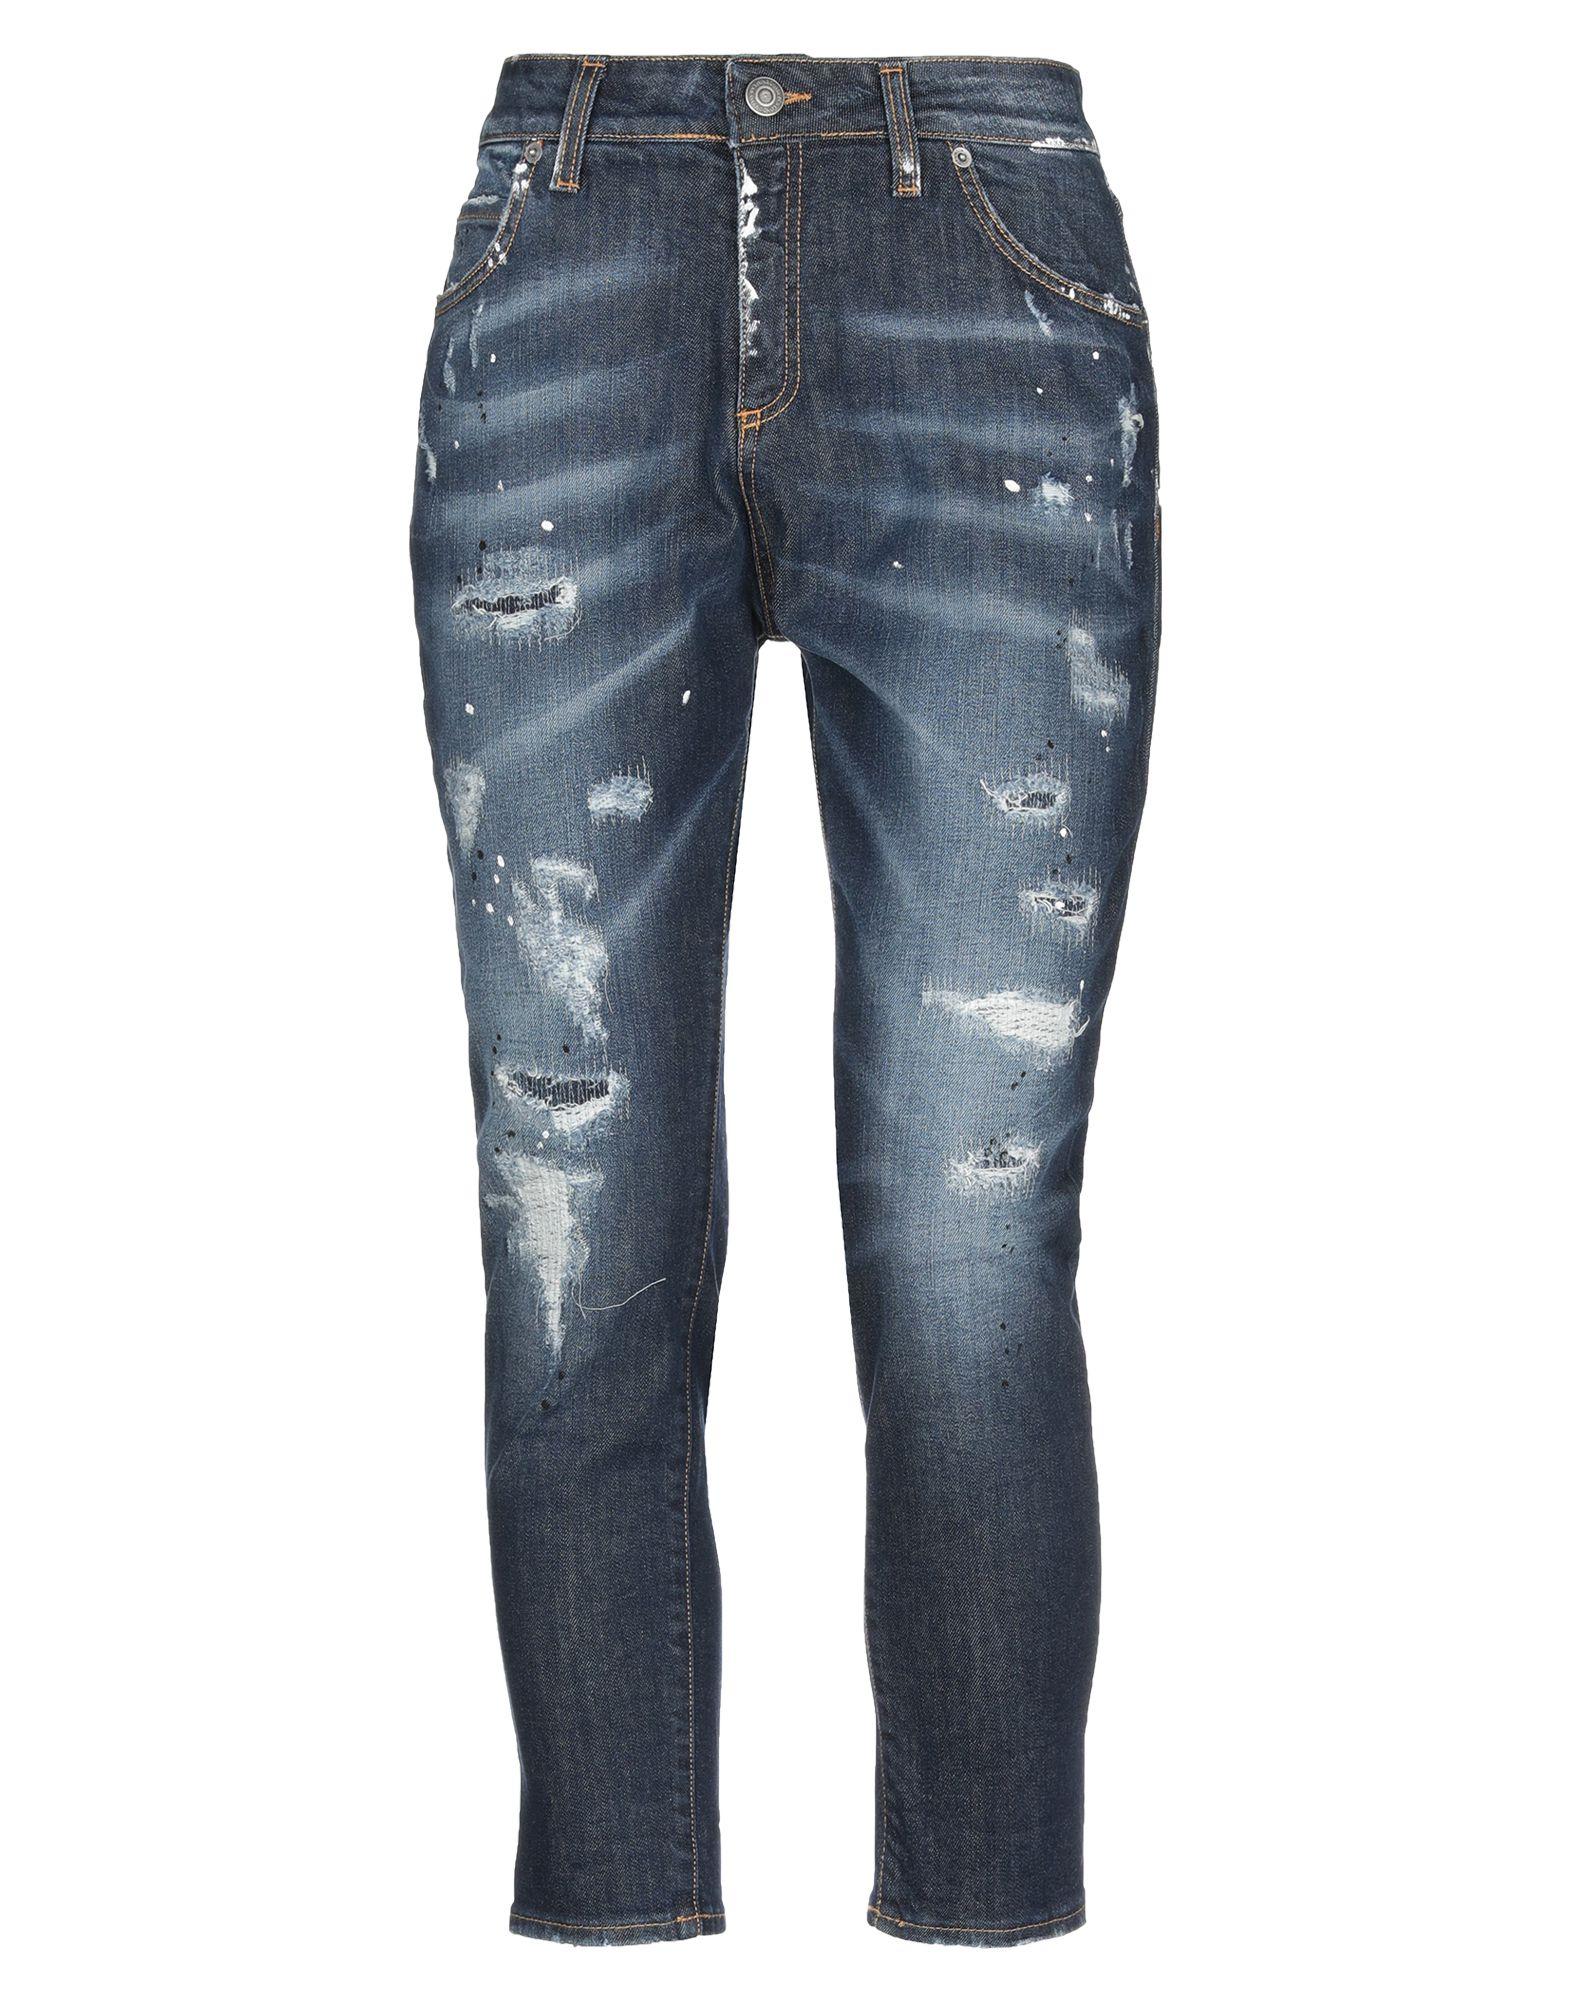 Фото - YES LONDON Джинсовые брюки-капри orion london брюки капри